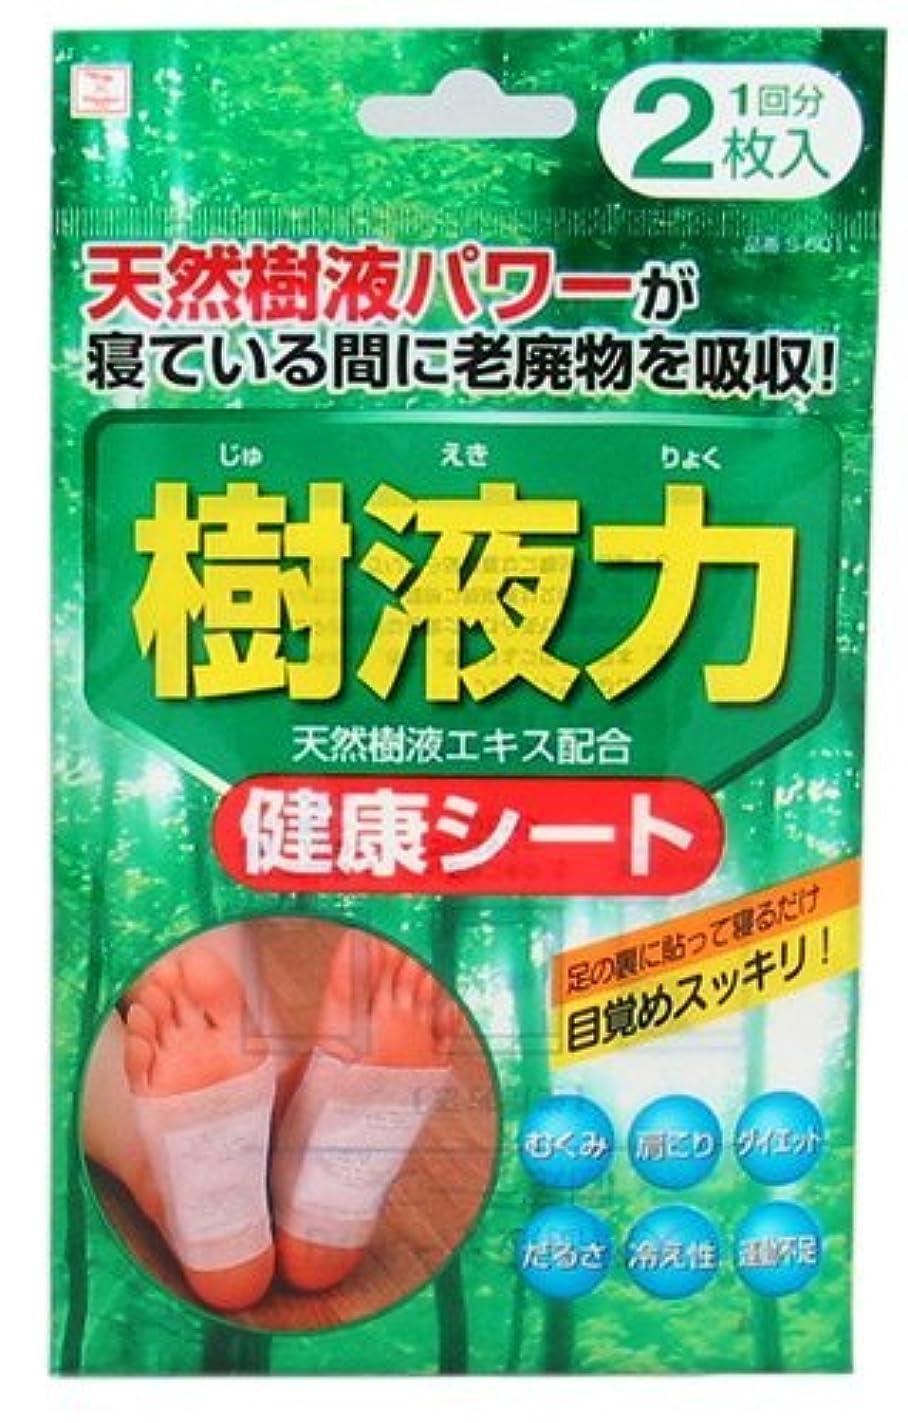 加入スチュワーデス役割小久保(Kokubo) 樹液力 健康シート 2枚入 (台紙)【まとめ買い12個セット】 S-601